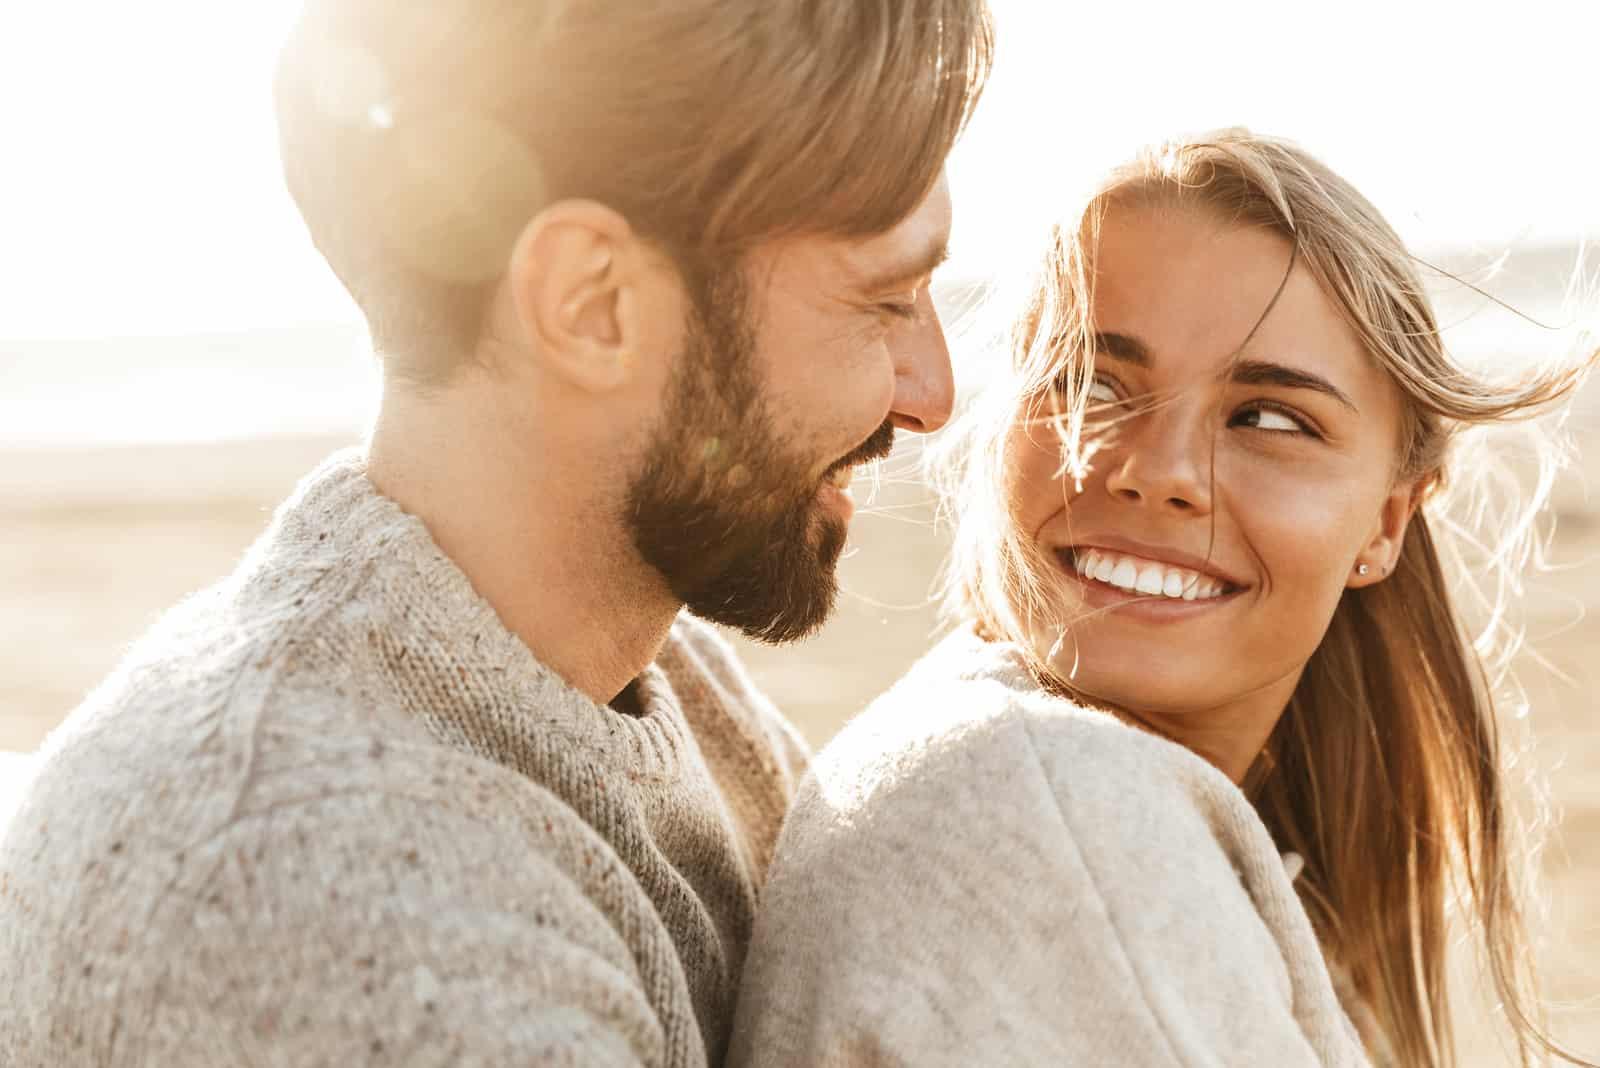 embrassant un couple d'amoureux se regardant